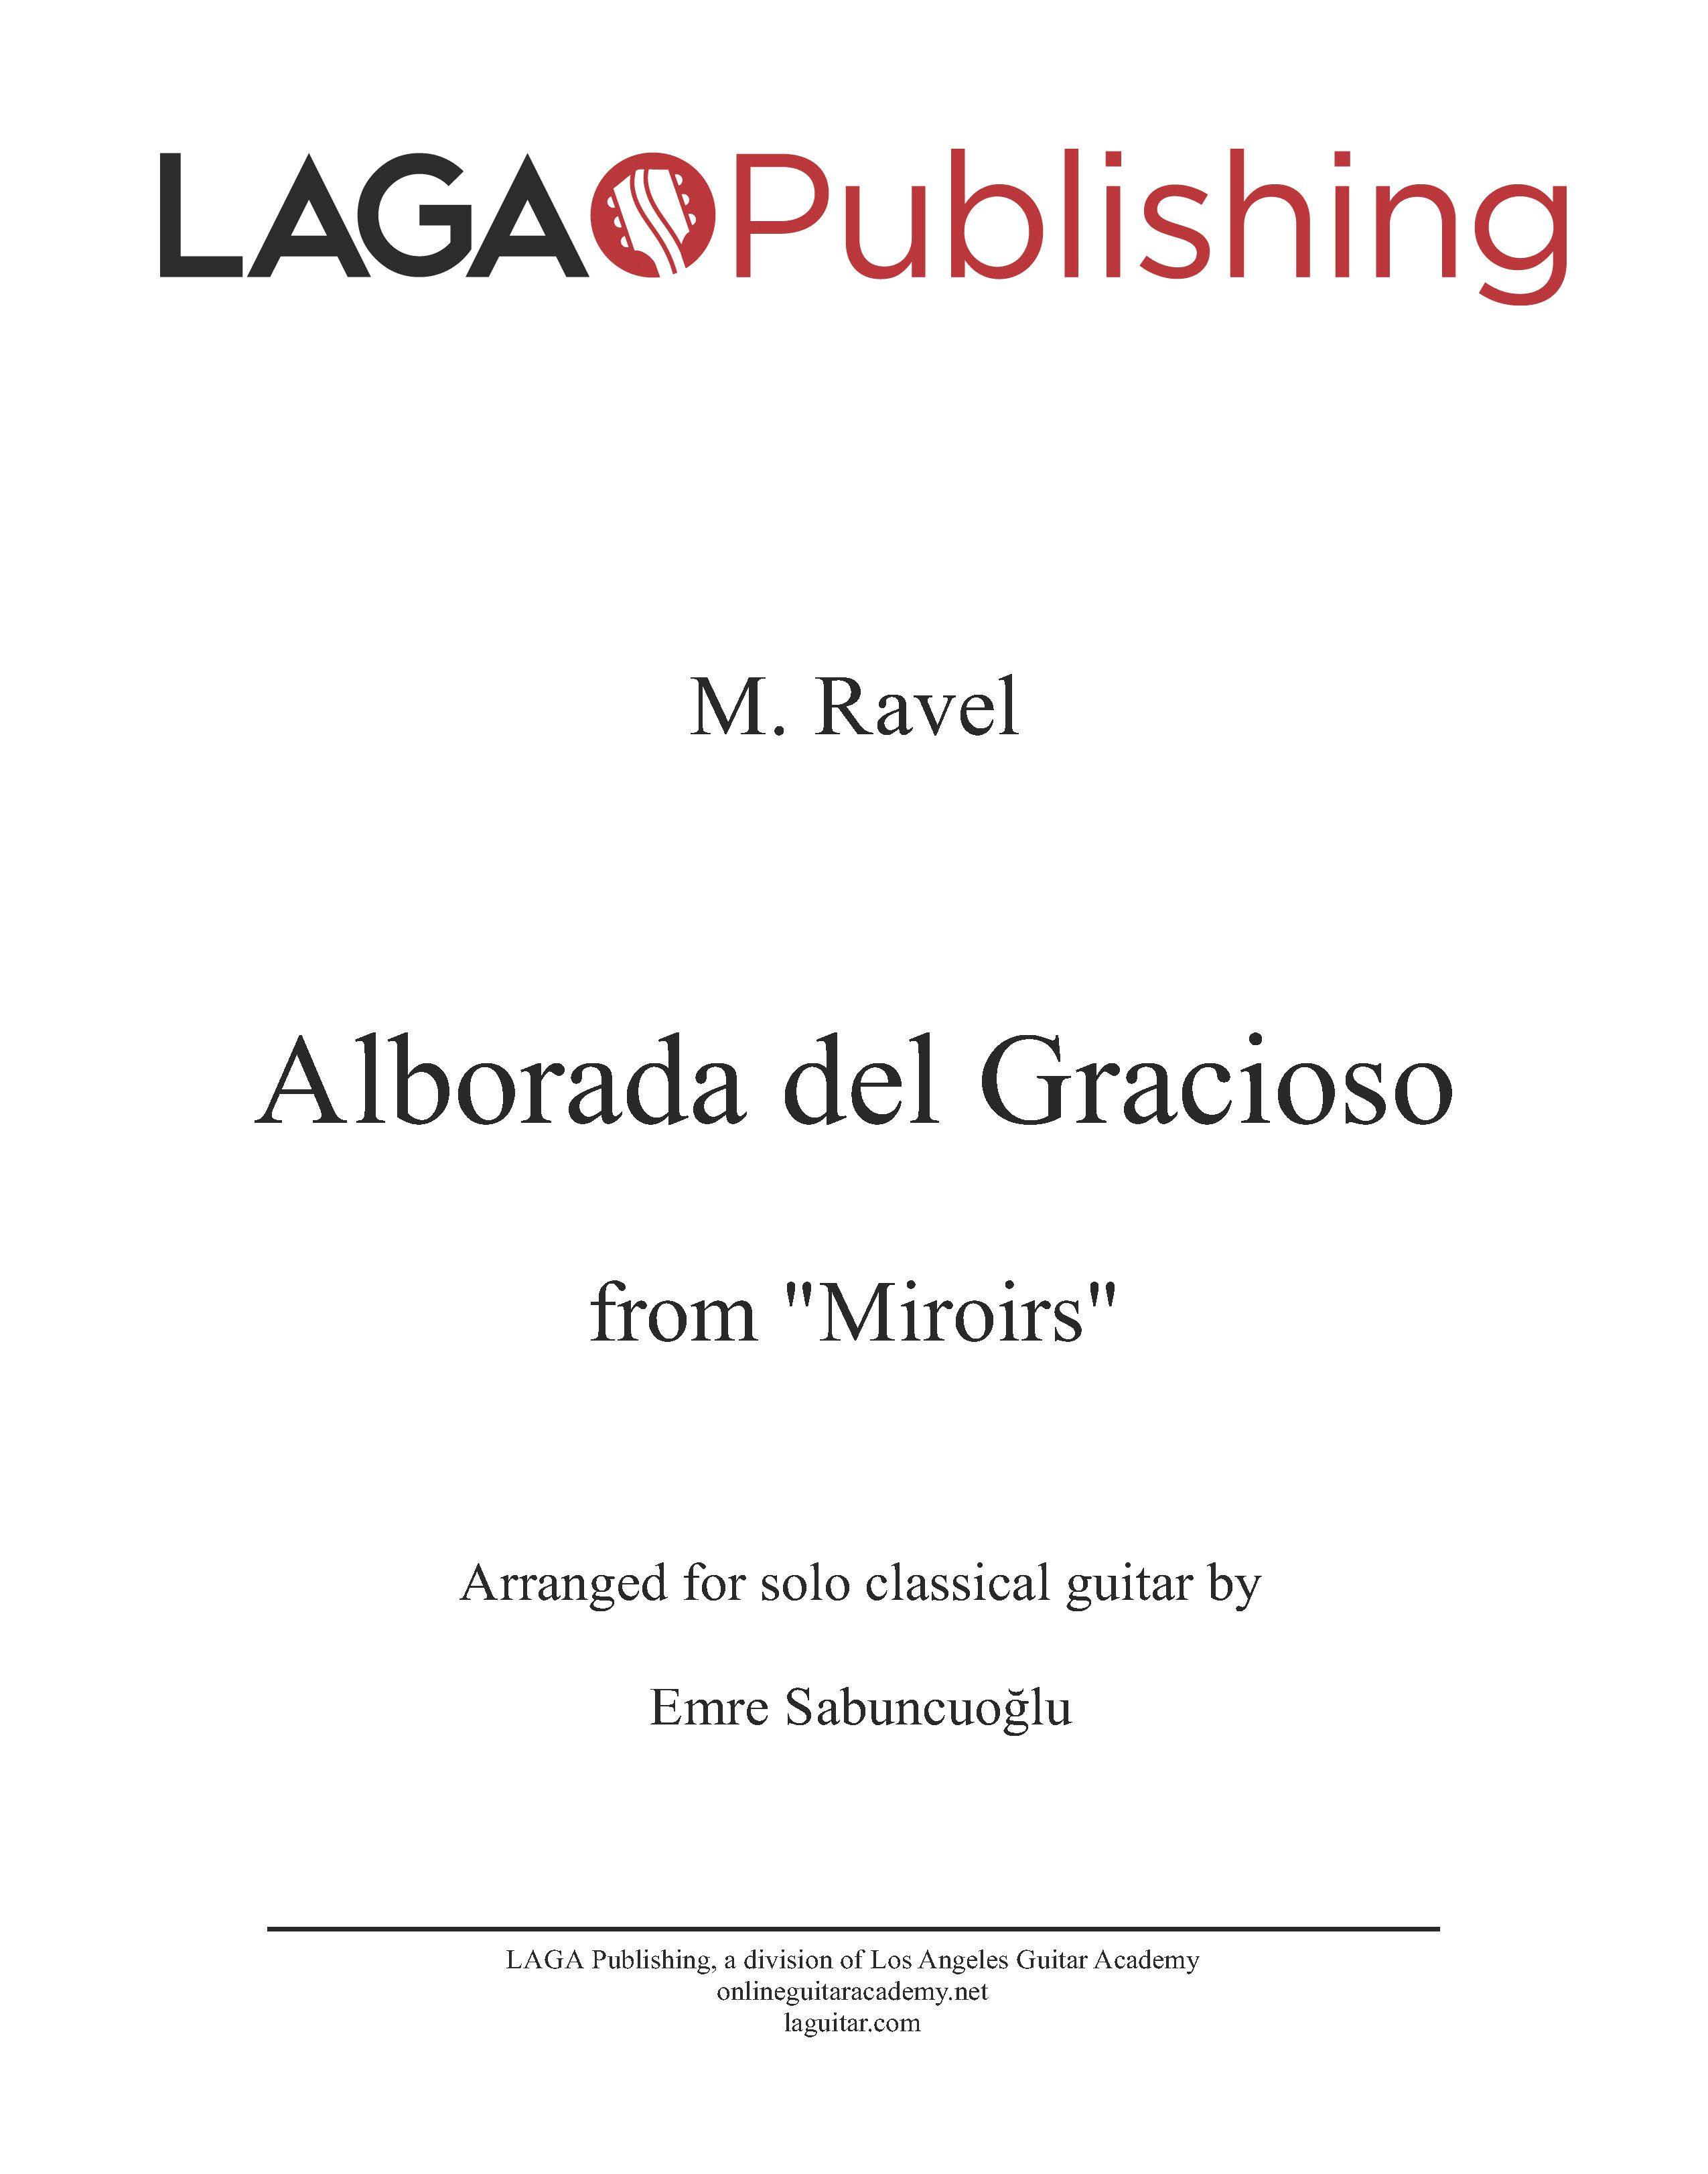 LAGA-Publishing-Ravel-Alborada